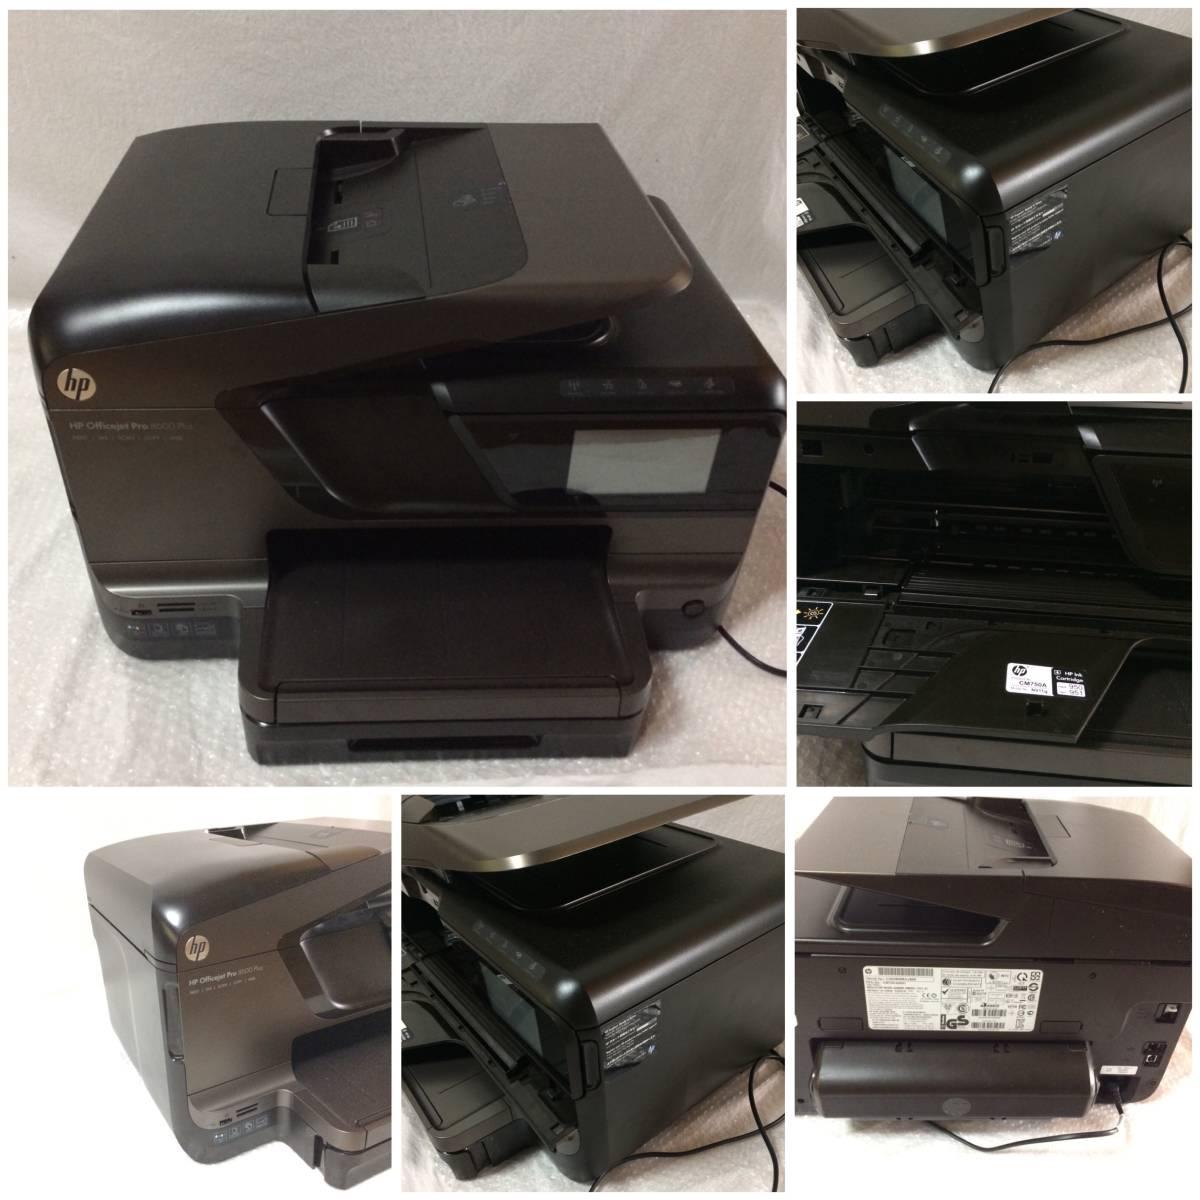 HP/ヒューレット・パッカード Officejet Pro 8600 plus インクジェットプリンタ 複合機  ジャンク品 高画質・高速プリント  【1円】